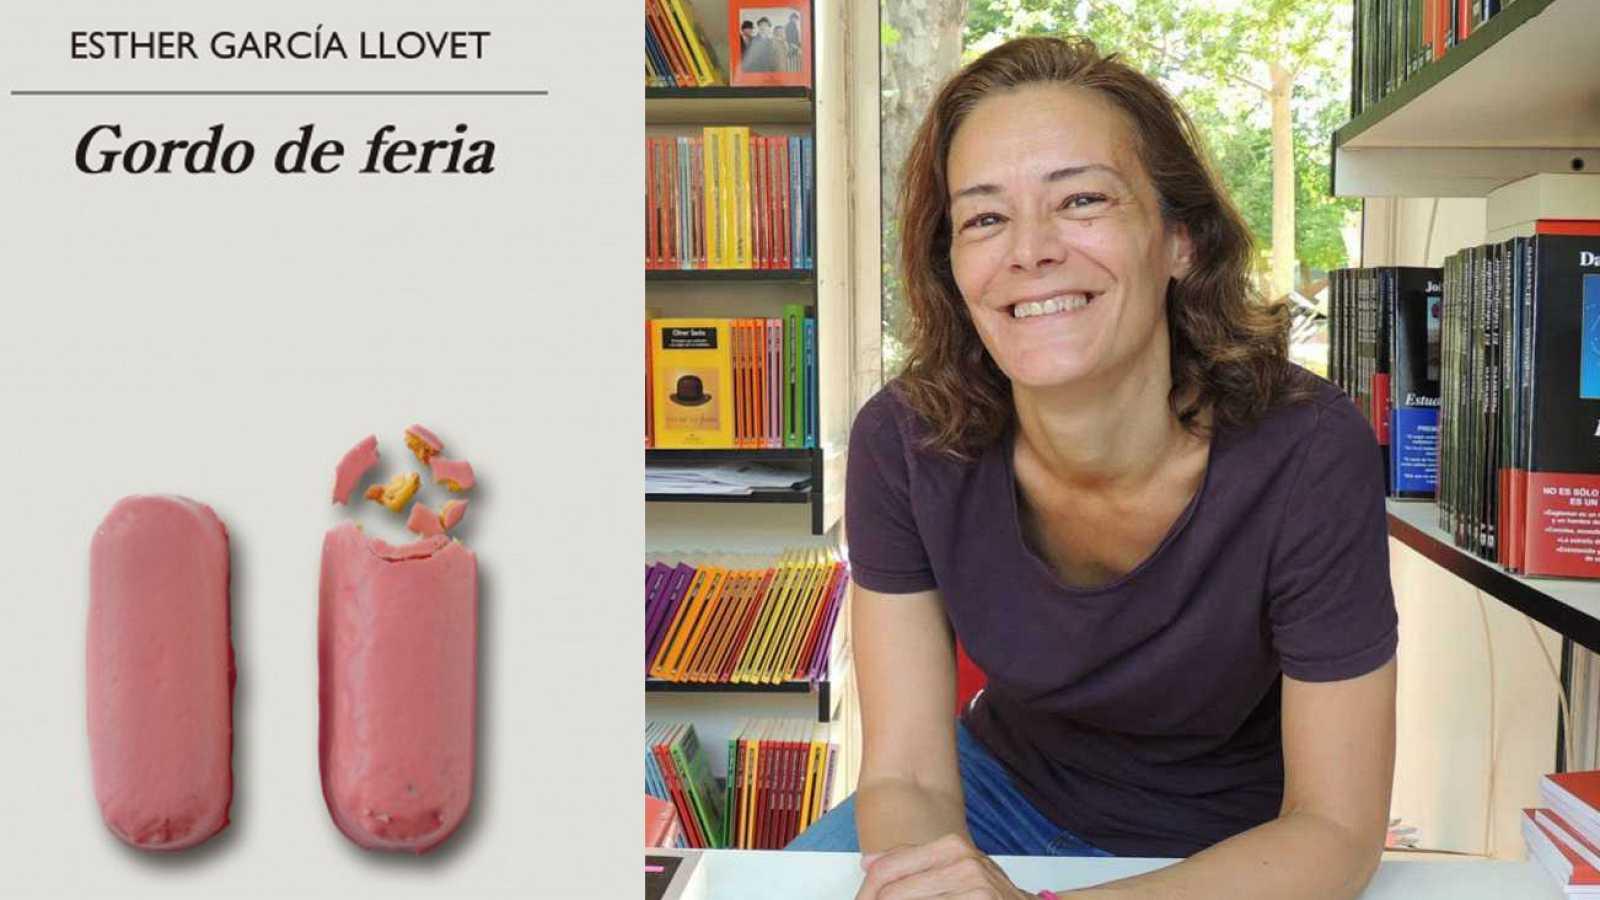 Artesfera - Cuarta entrega de Rodando Páginas - 06/04/21 - escuchar ahora